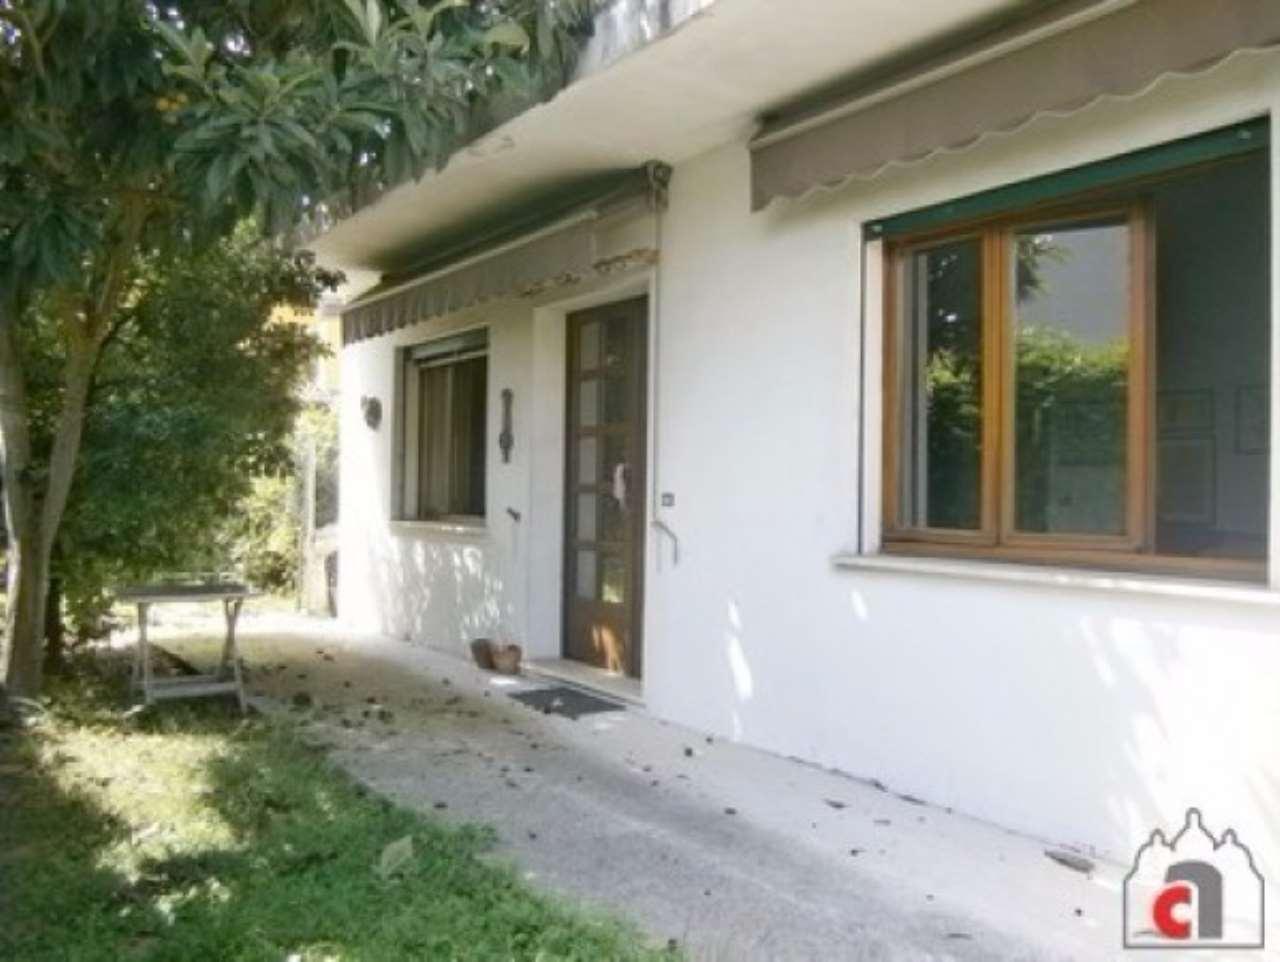 Villa in vendita a Albignasego, 5 locali, prezzo € 240.000 | Cambio Casa.it